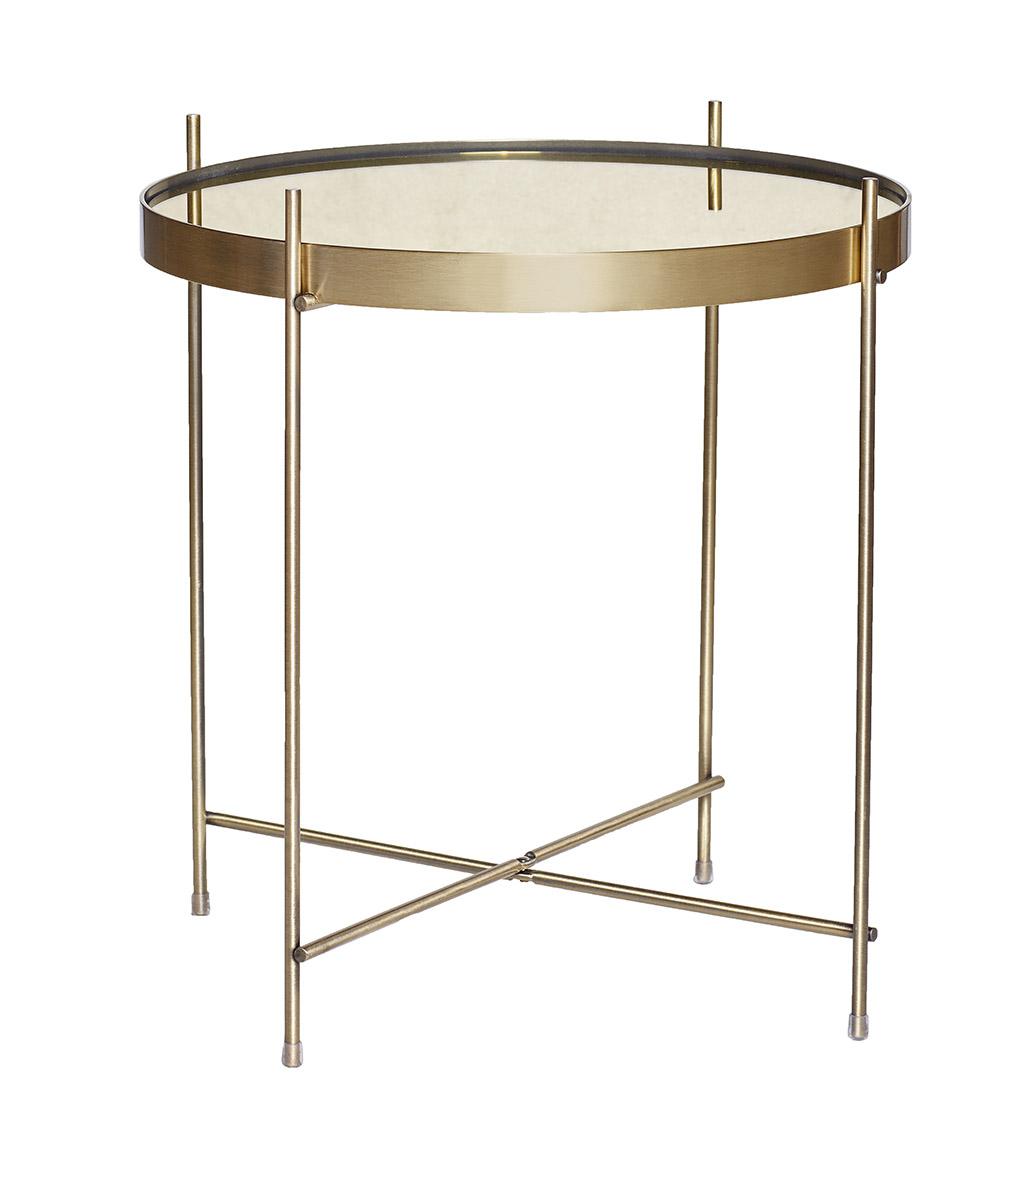 Billede af Hübsch Rundt bord i metal/spejl, guld